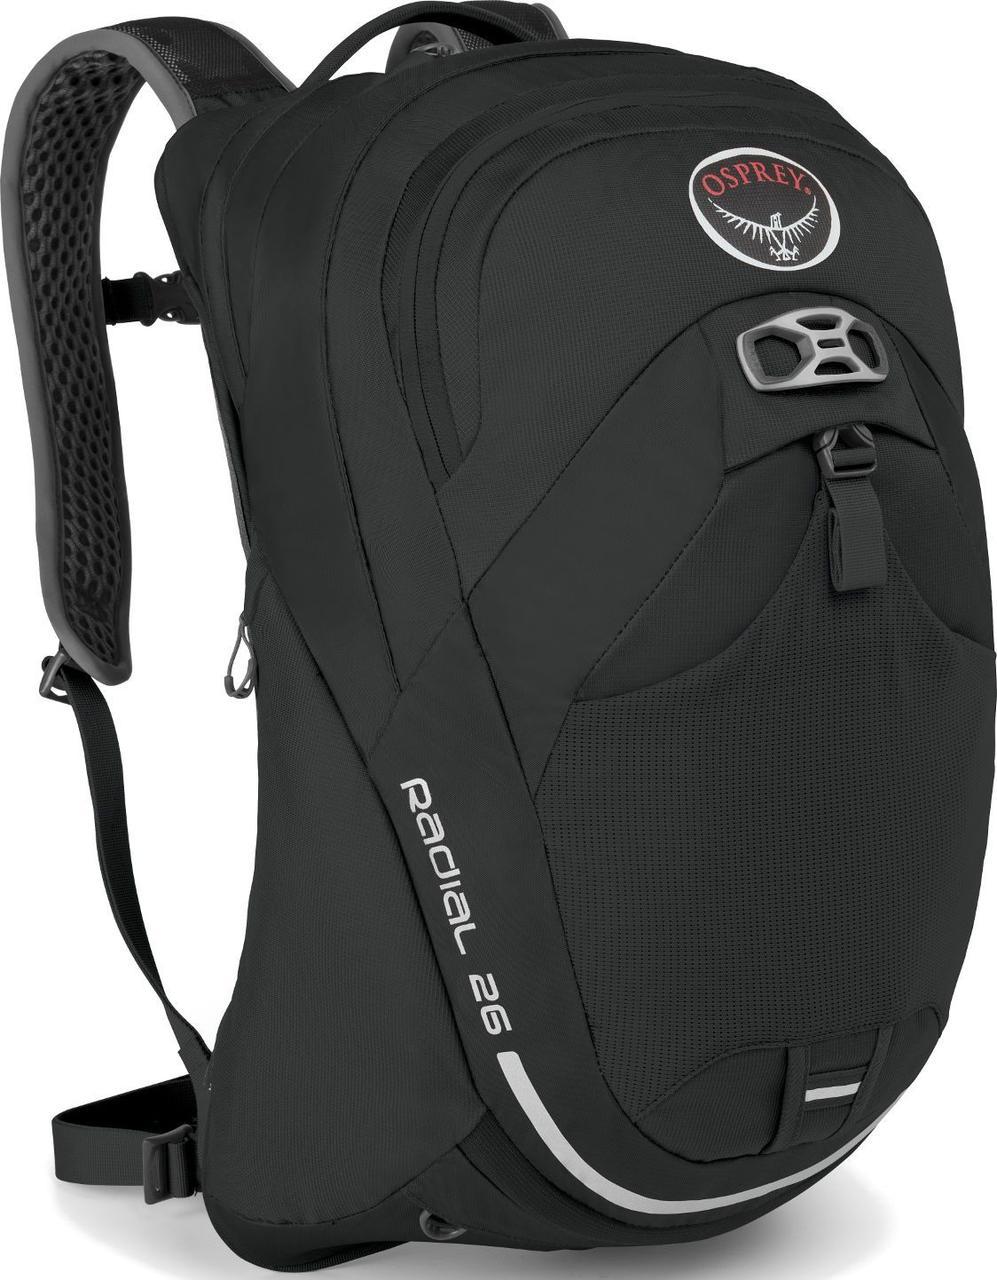 81c3dae3177d Велосипедный рюкзак Osprey Radial 26 Black M/L, 26 л, черный ...